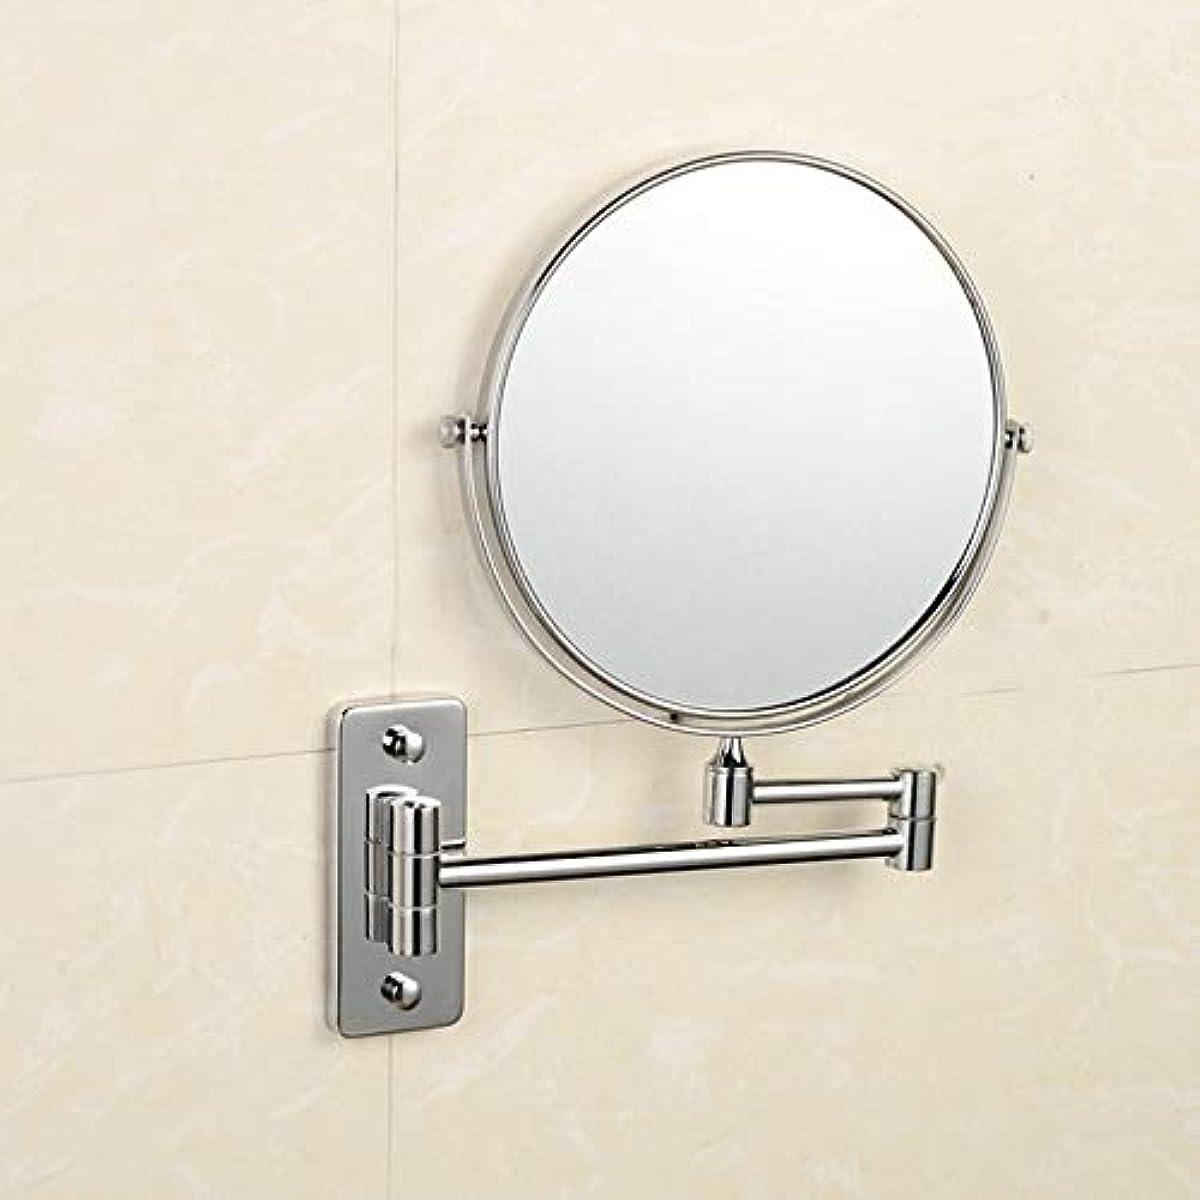 流行の 銅浴室鏡折りたたみ伸縮性格人格美人表裏面360度回転壁掛け虫眼鏡ミラーシルバーホームビューティーミラー浴室